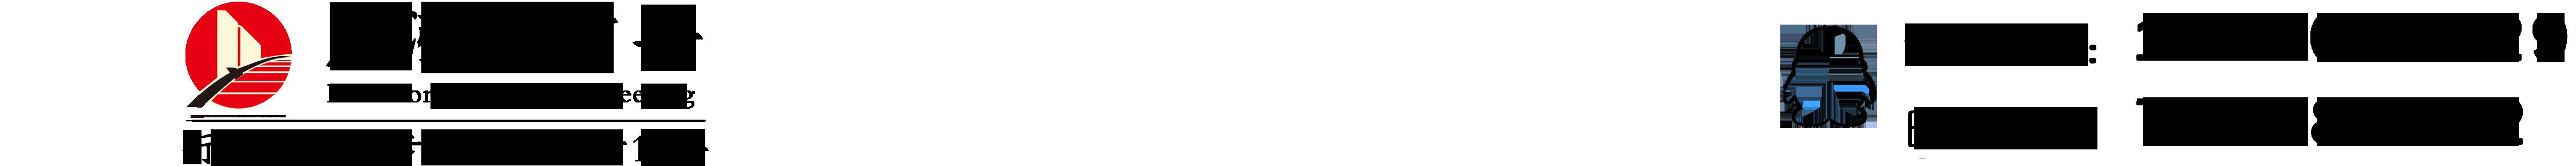 古交市手机版伟德客户端1946有限公司